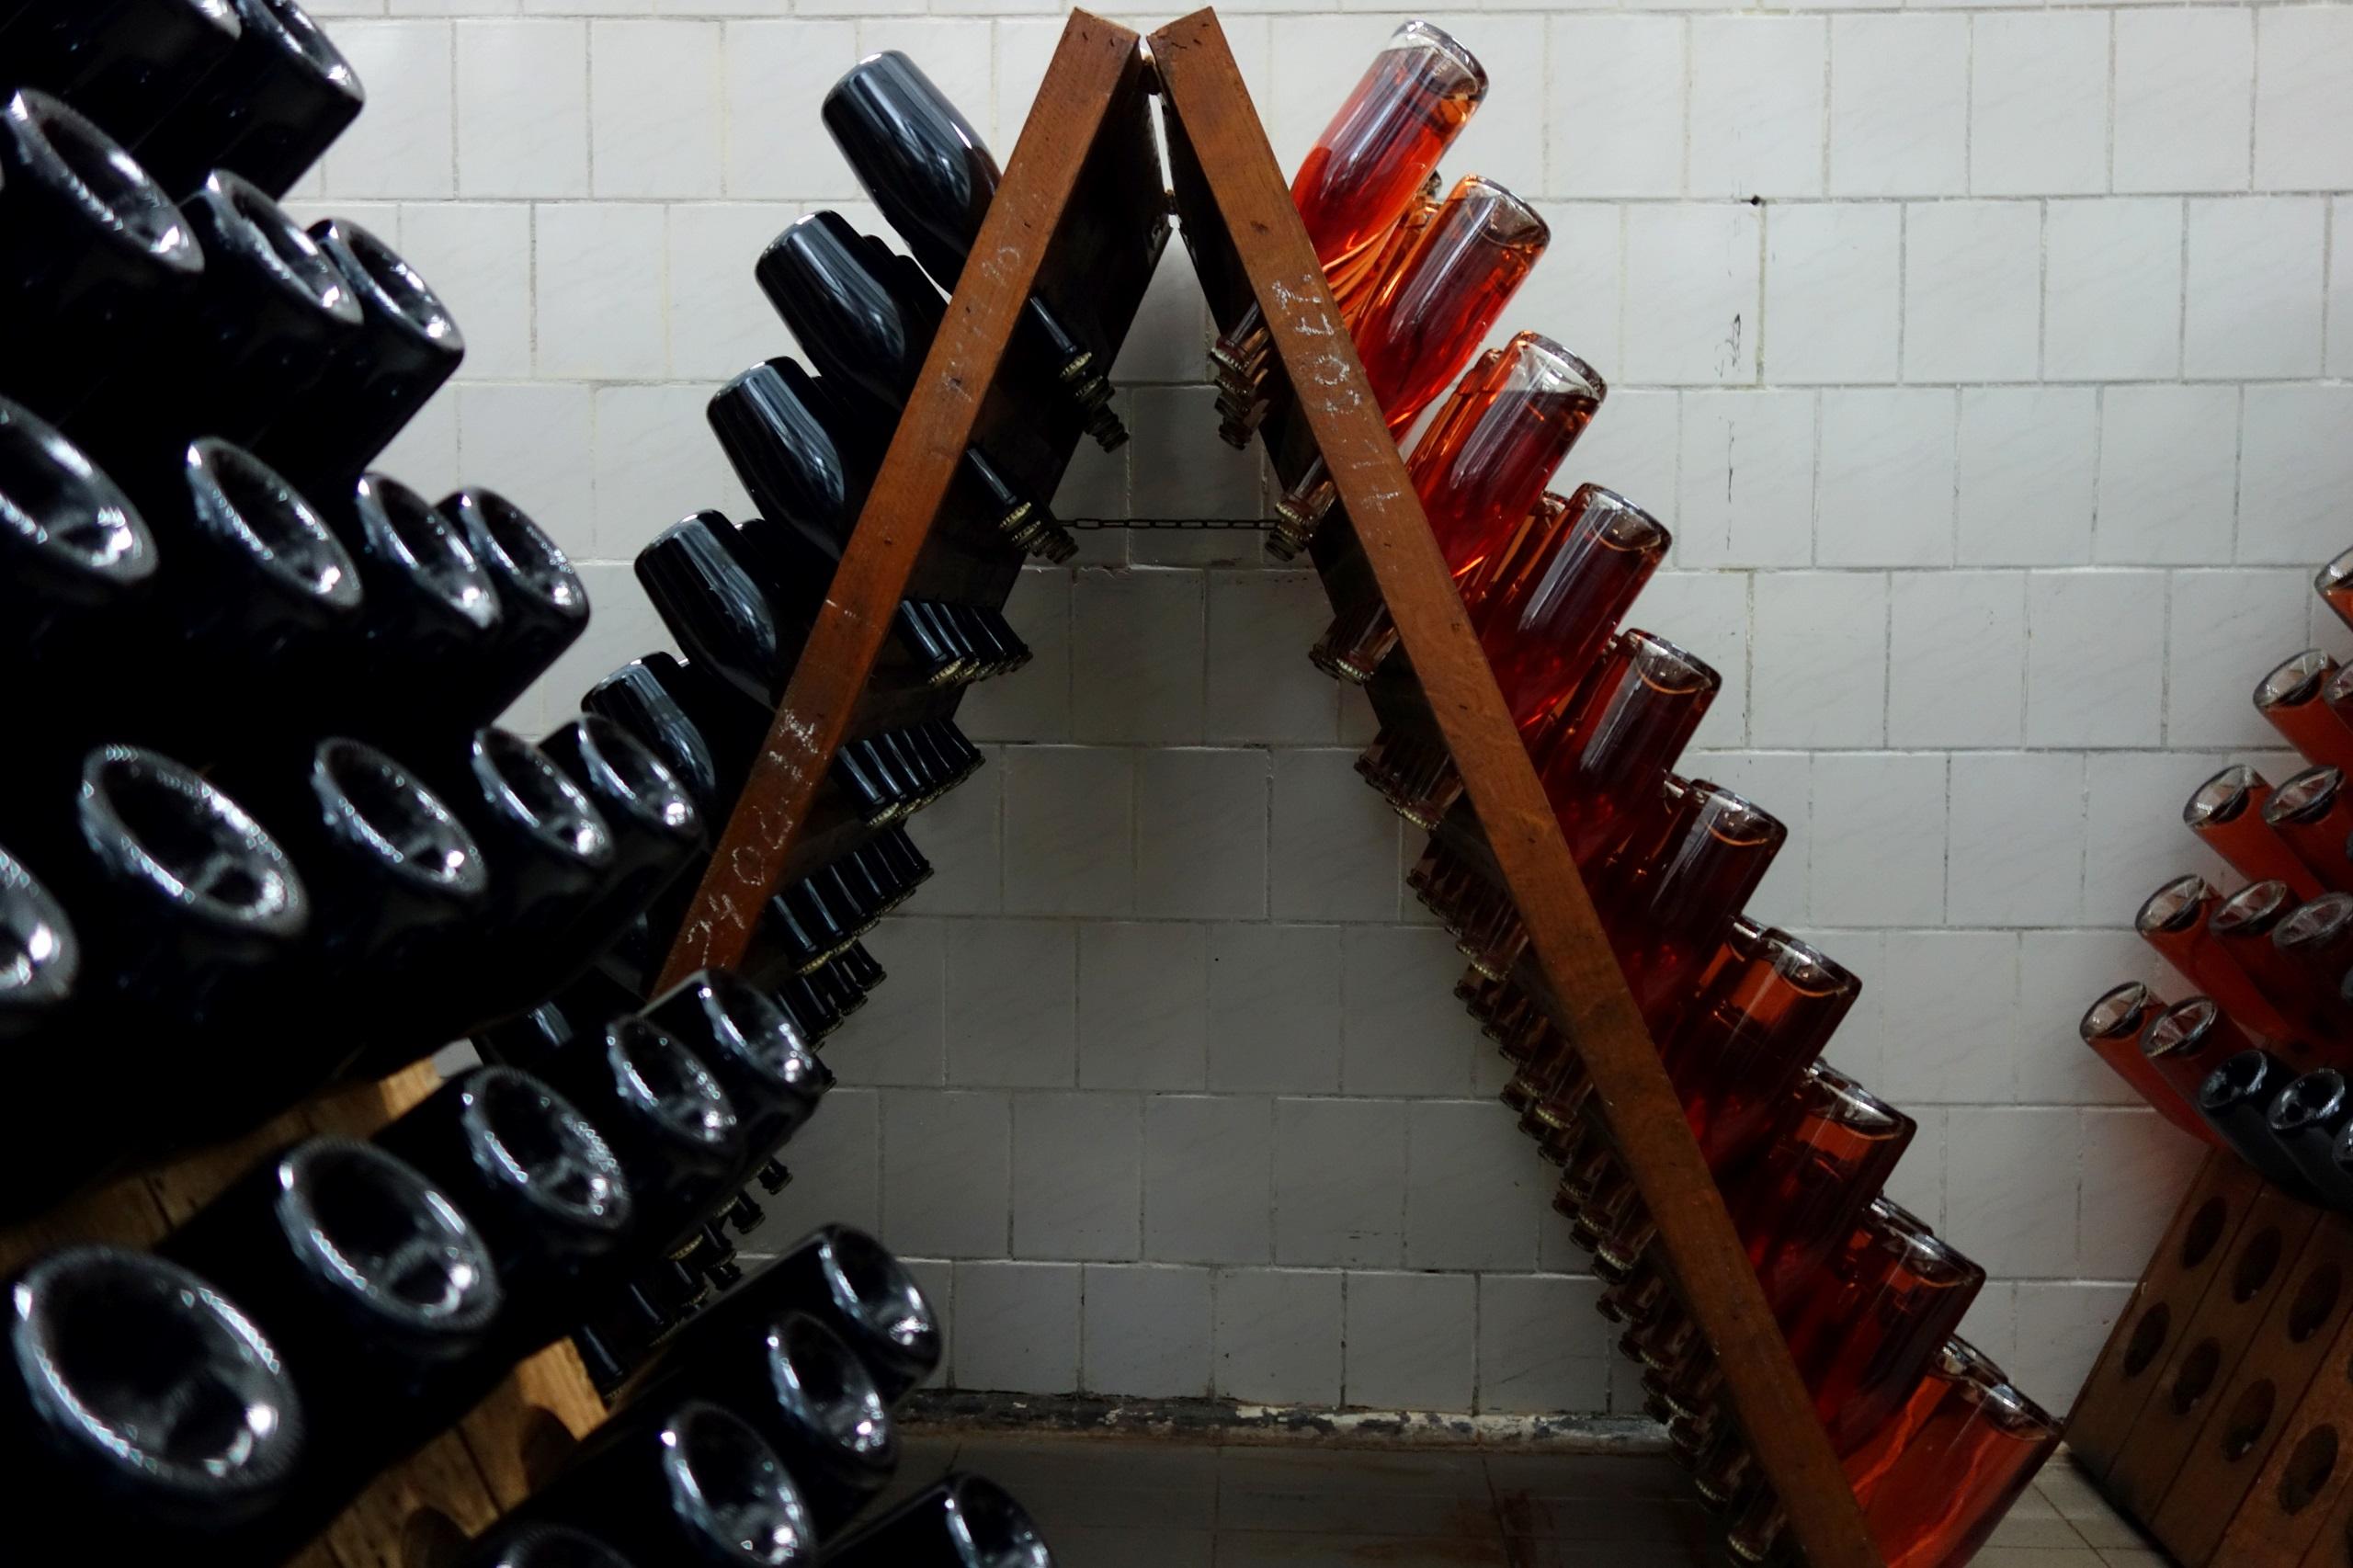 Chateau Vartely - Remuage, czyli ręczne obracanie butelek w drewnianych pulpitach